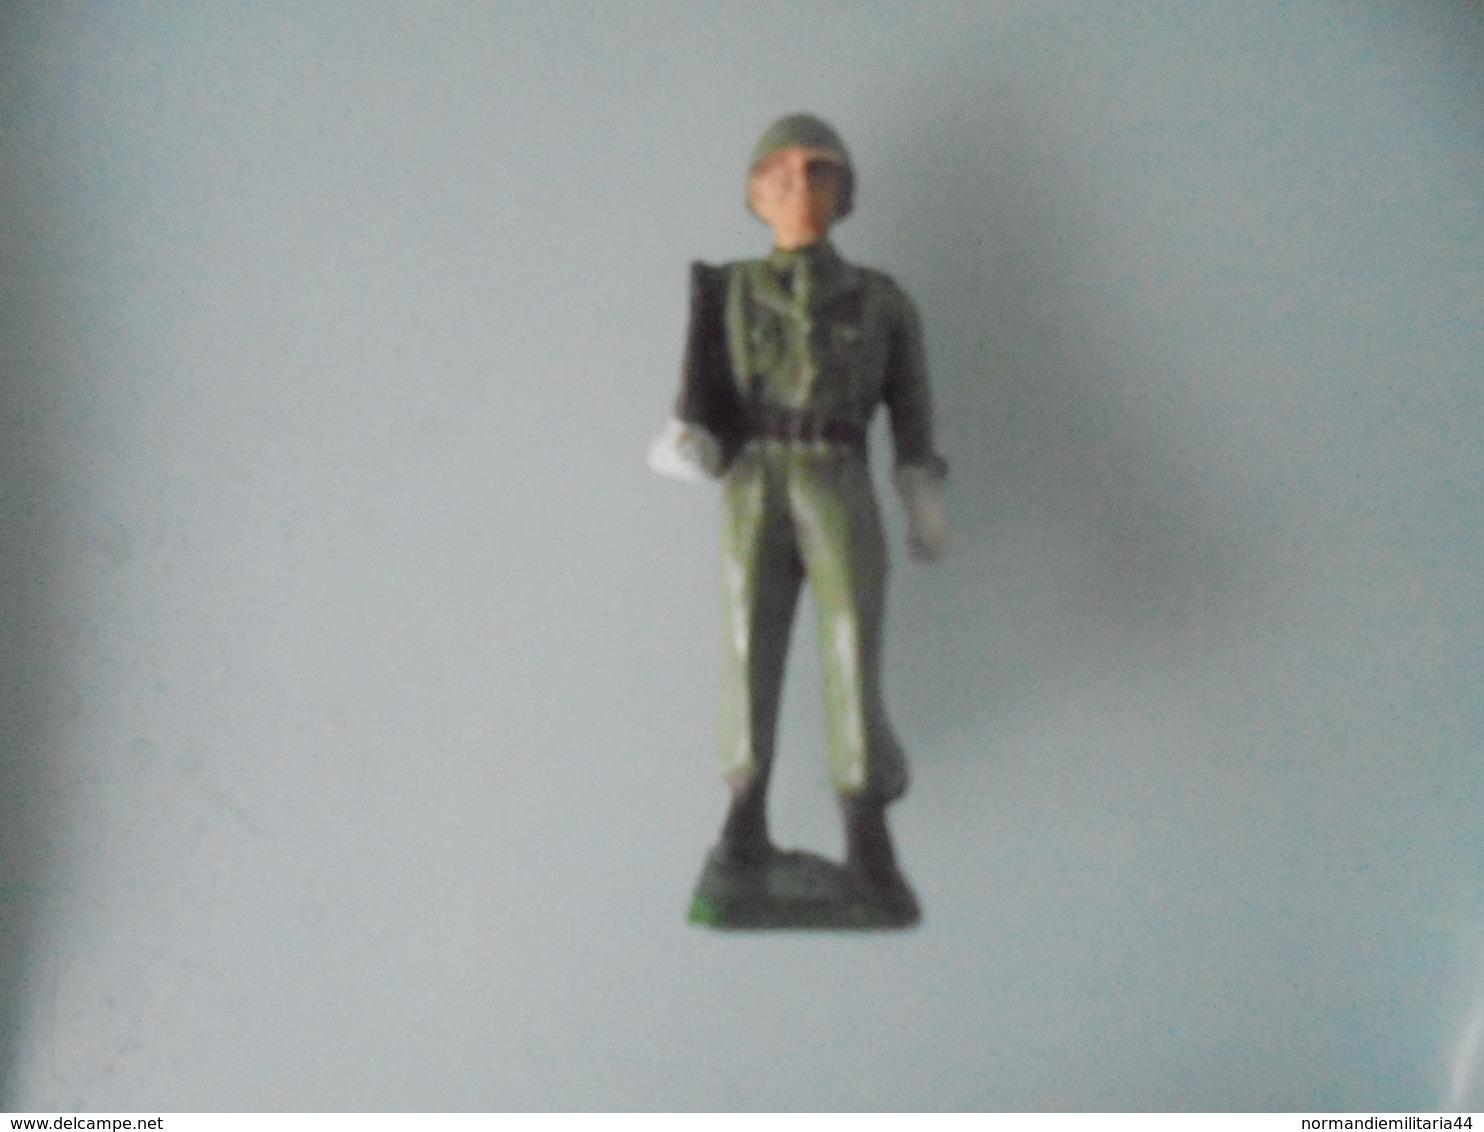 Figurine Starlux Soldat Casque Defilant - Starlux